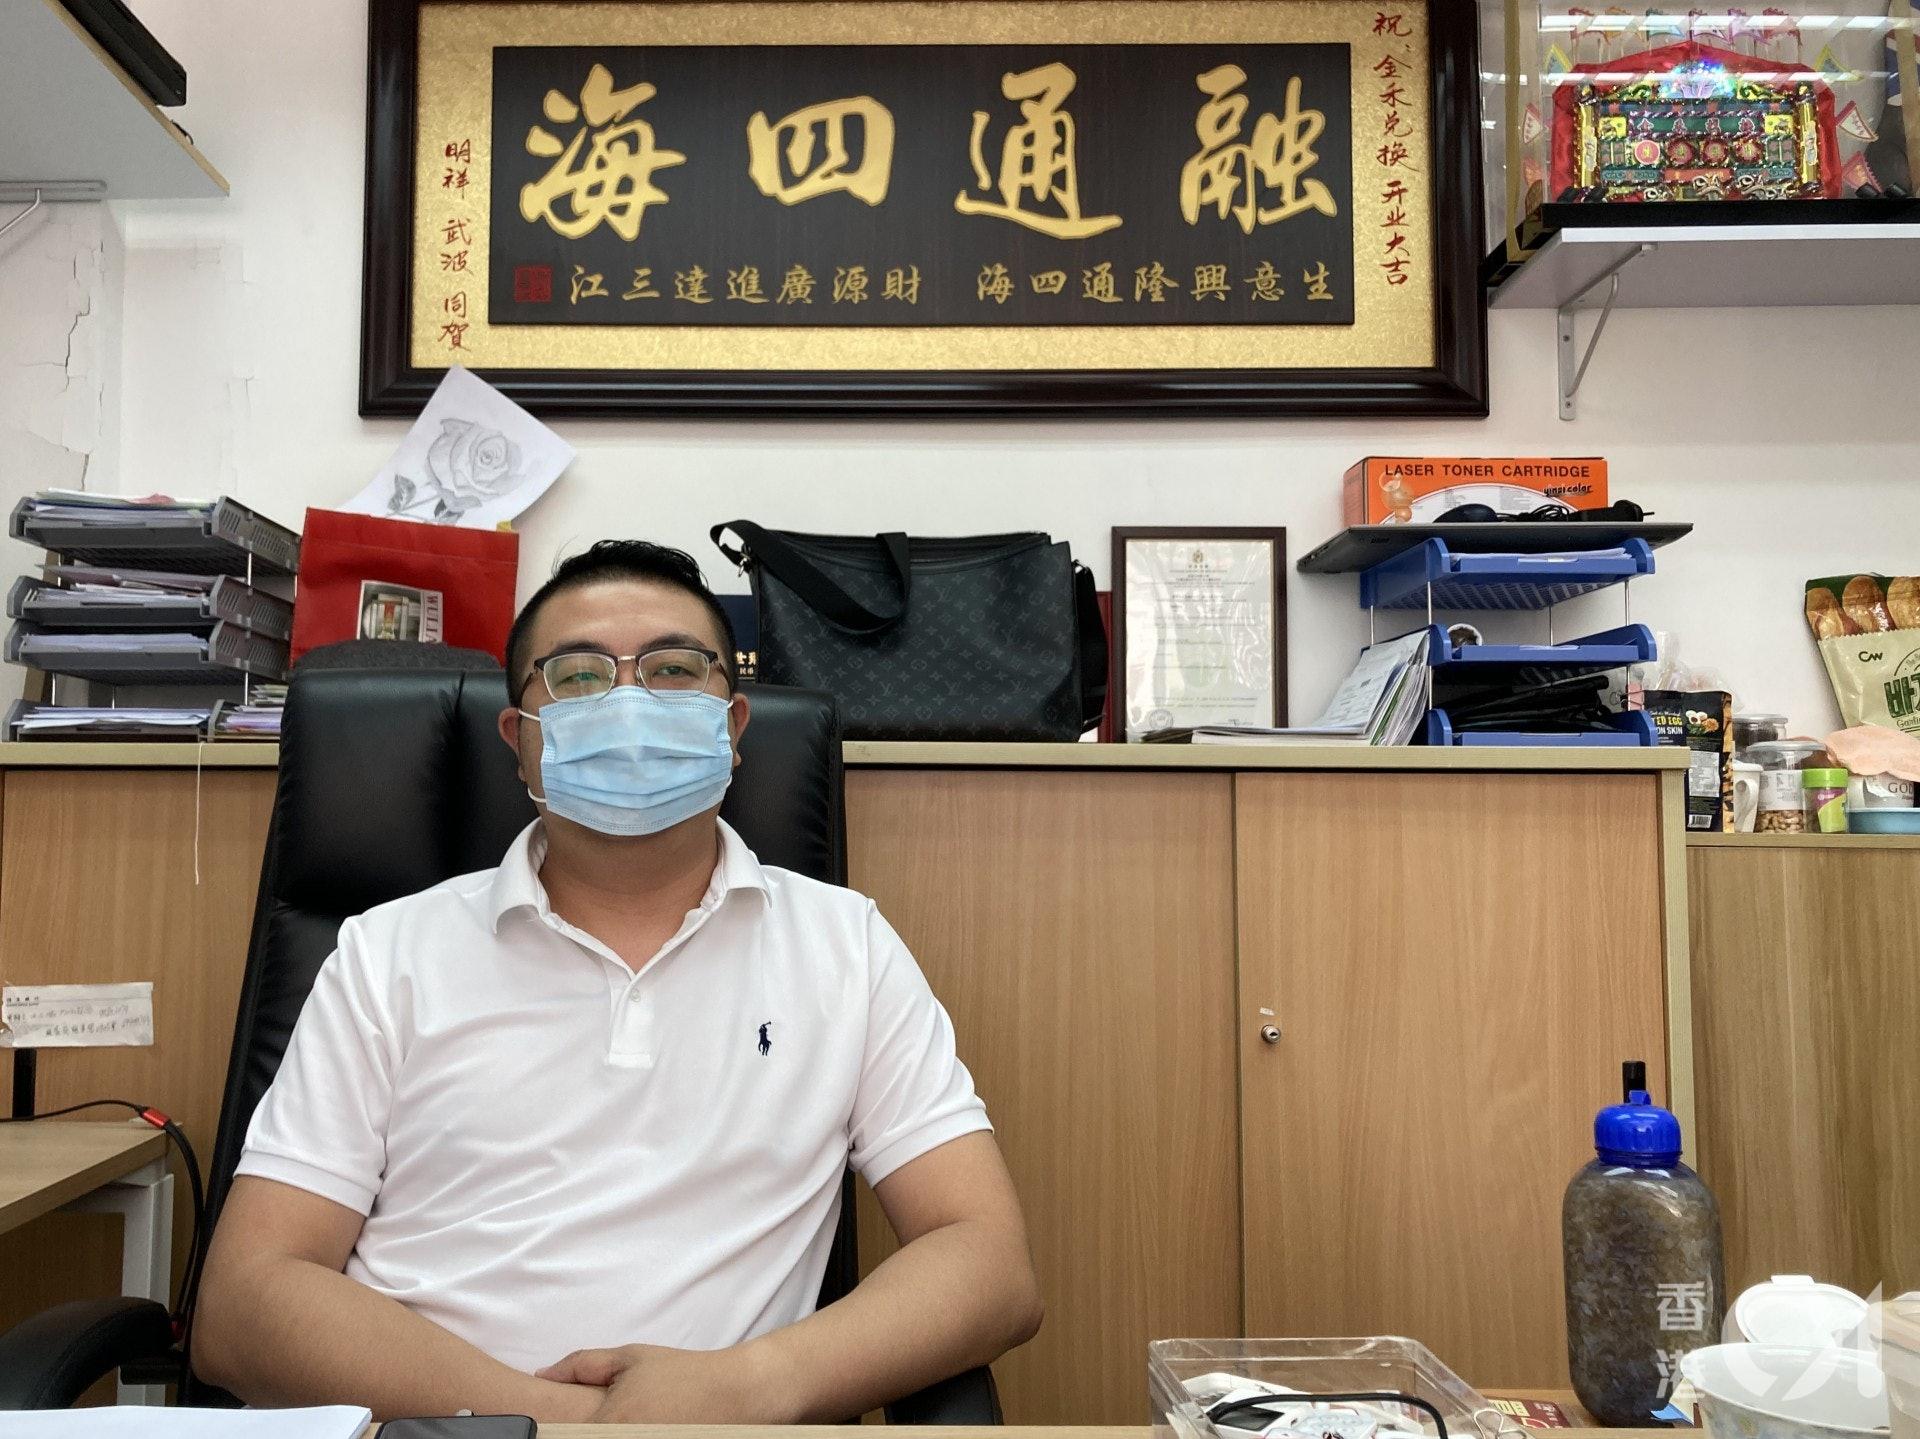 陳先生透露,街上約有6成的兌換店為內地人經營,疫情下店主不能往返中港兩地,惟有「劈炮」蝕按金關門。(歐陽德浩攝)